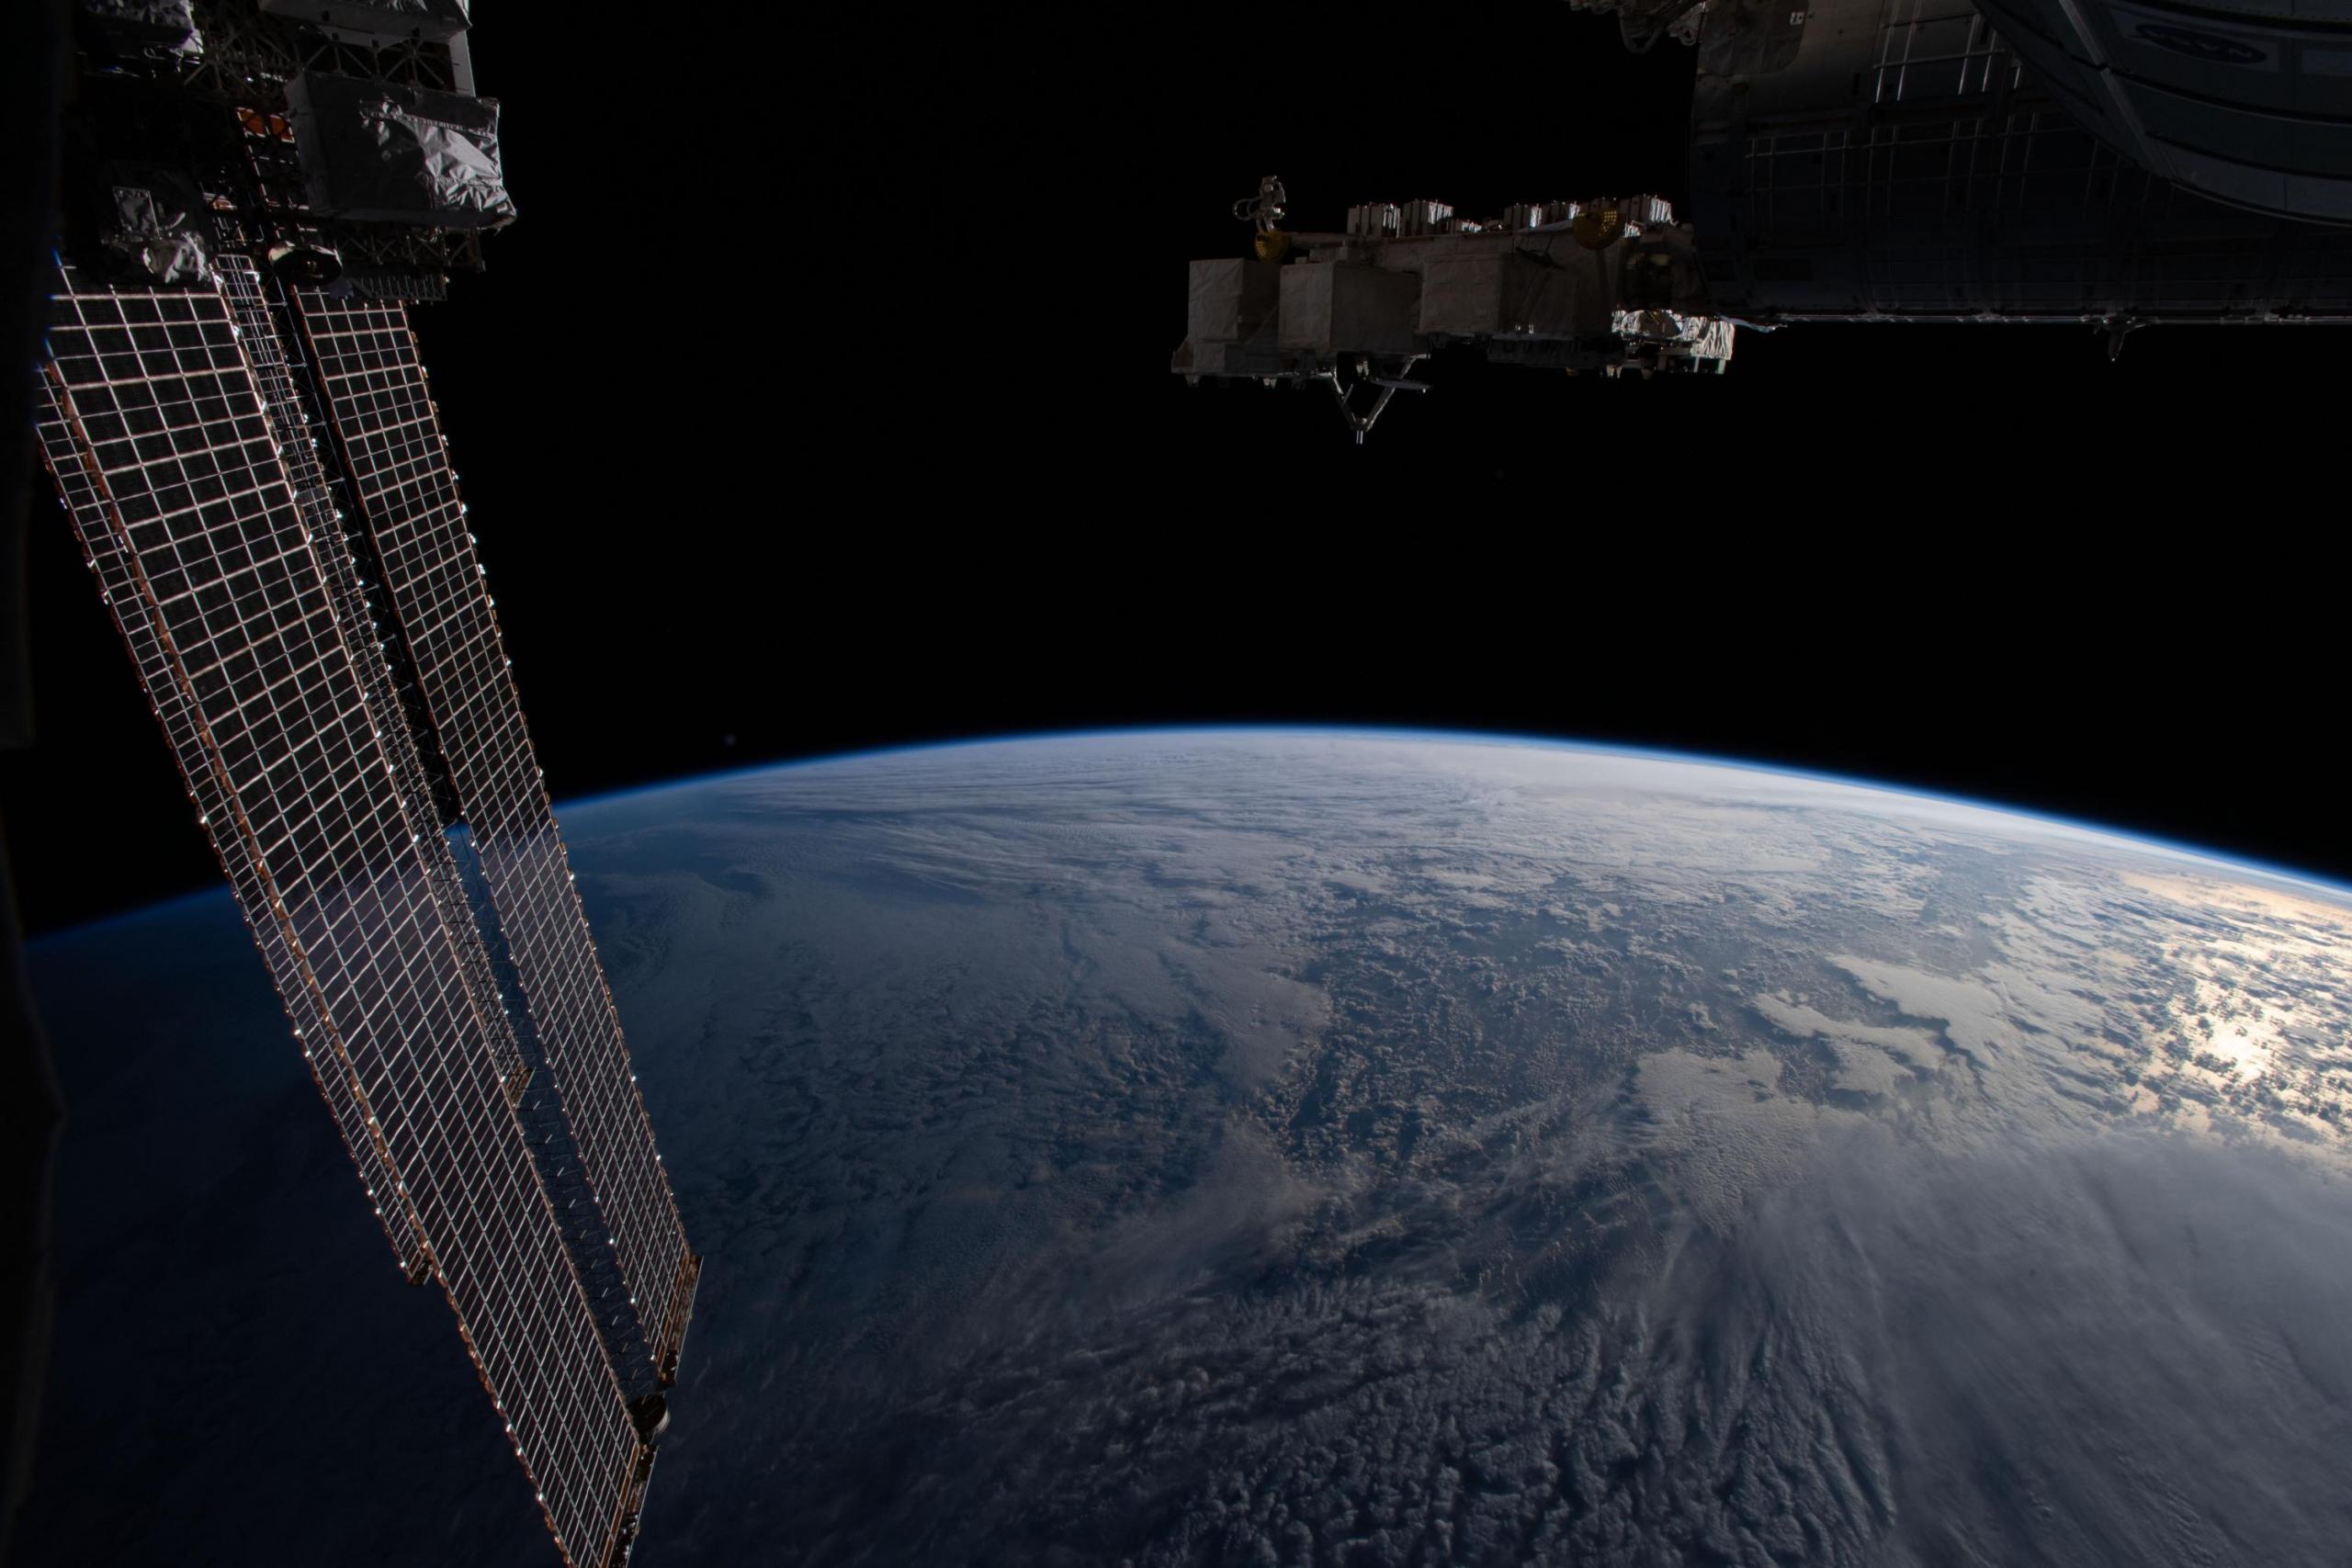 El horizonte de la Tierra visto desde la estación espacial